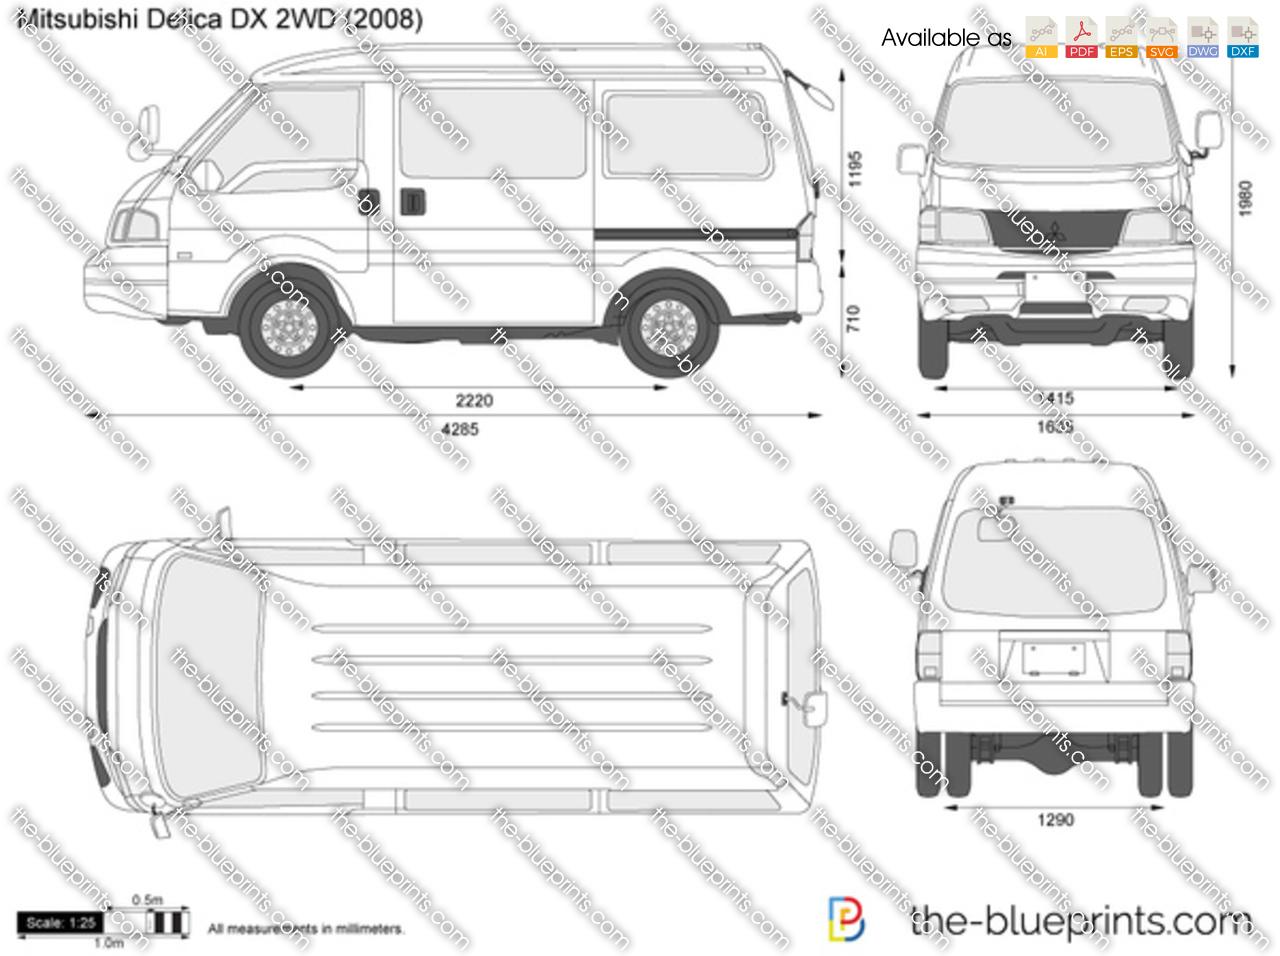 Mitsubishi Delica DX 2WD 2001